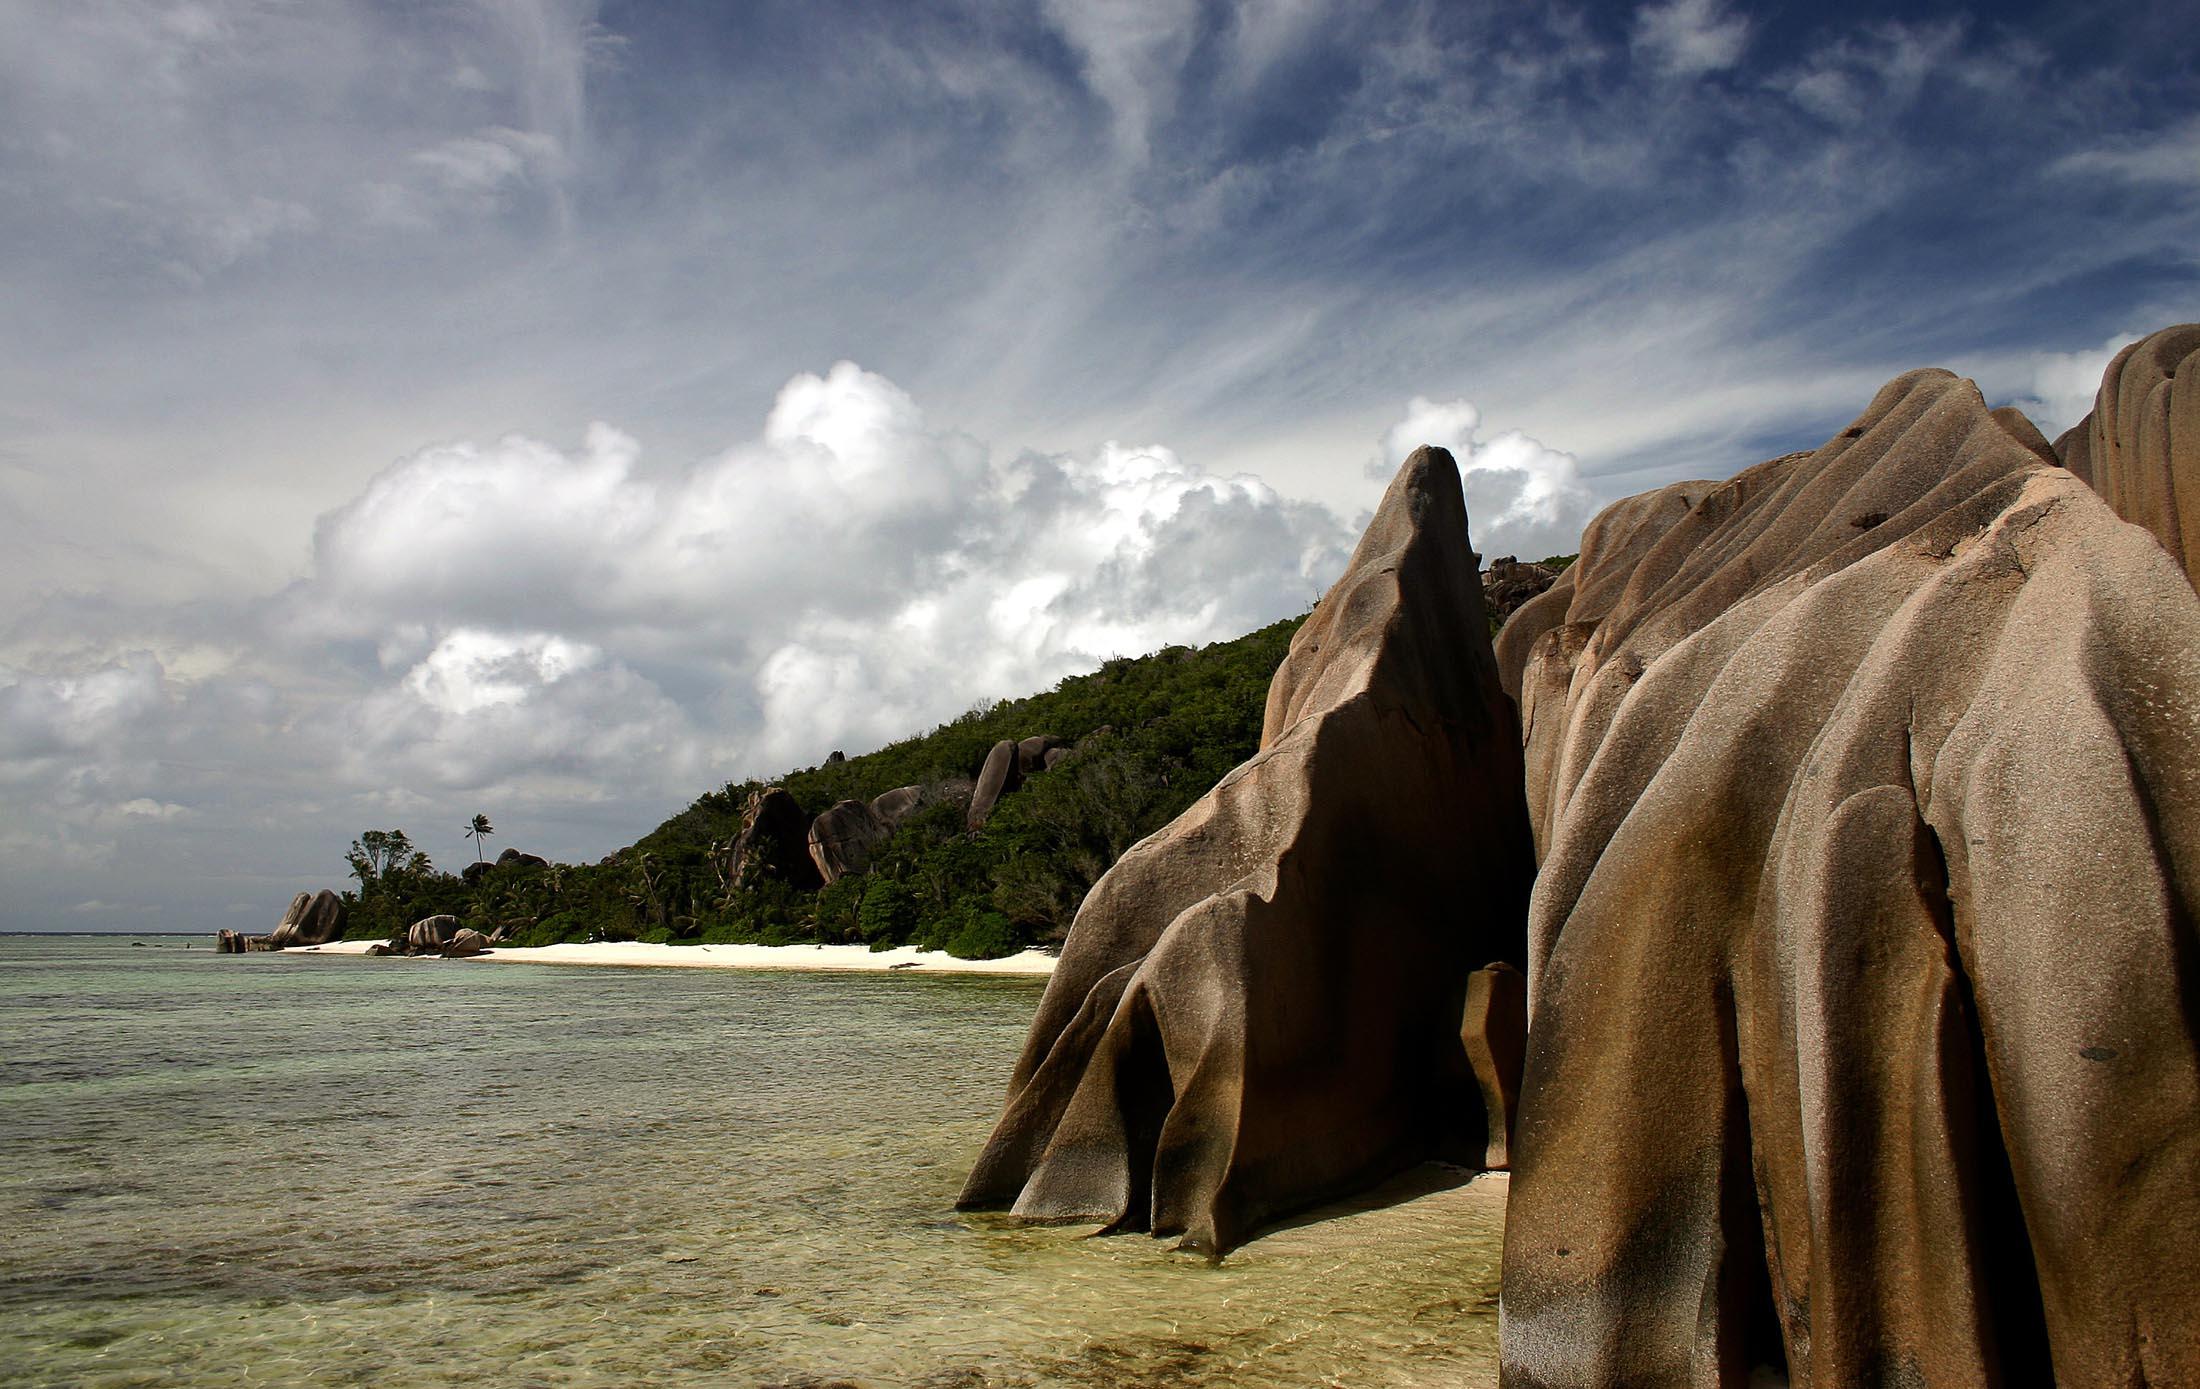 La digue beaches, Seychelles